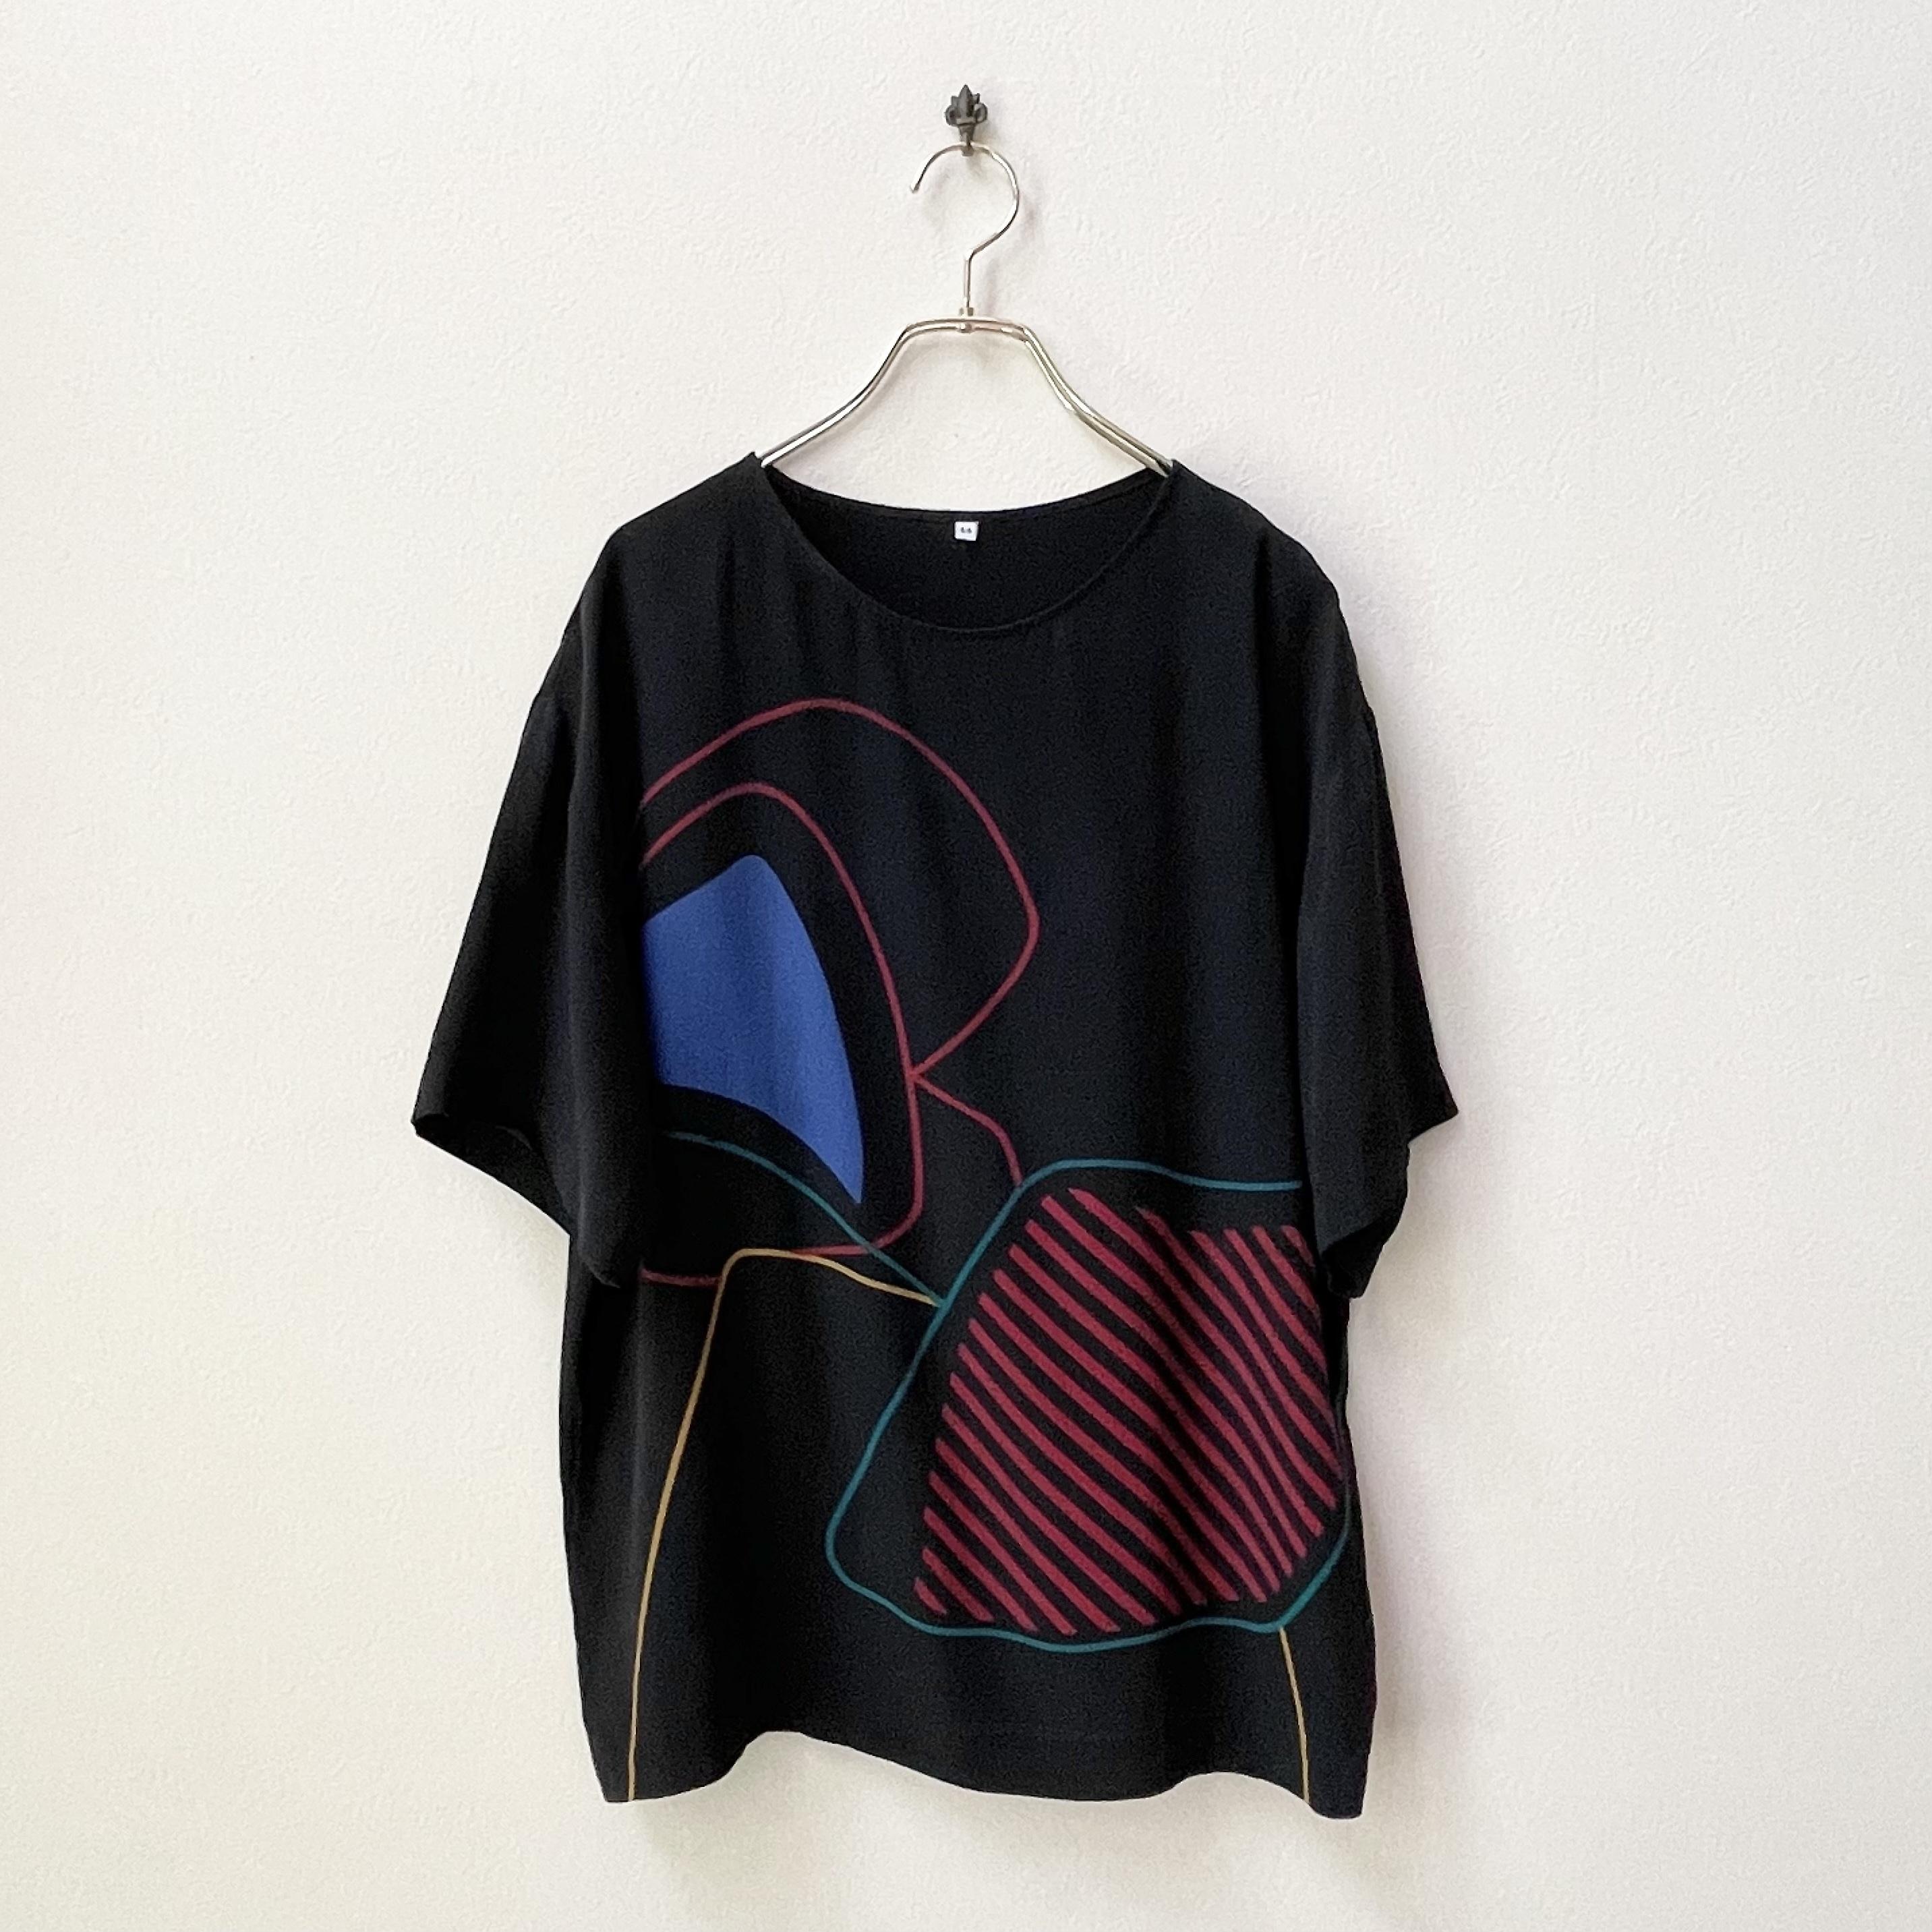 90年代 ユーロ ITALY製 モダンアートプリント シルク 半袖ブラウス ヨーロッパ 古着 日本LL